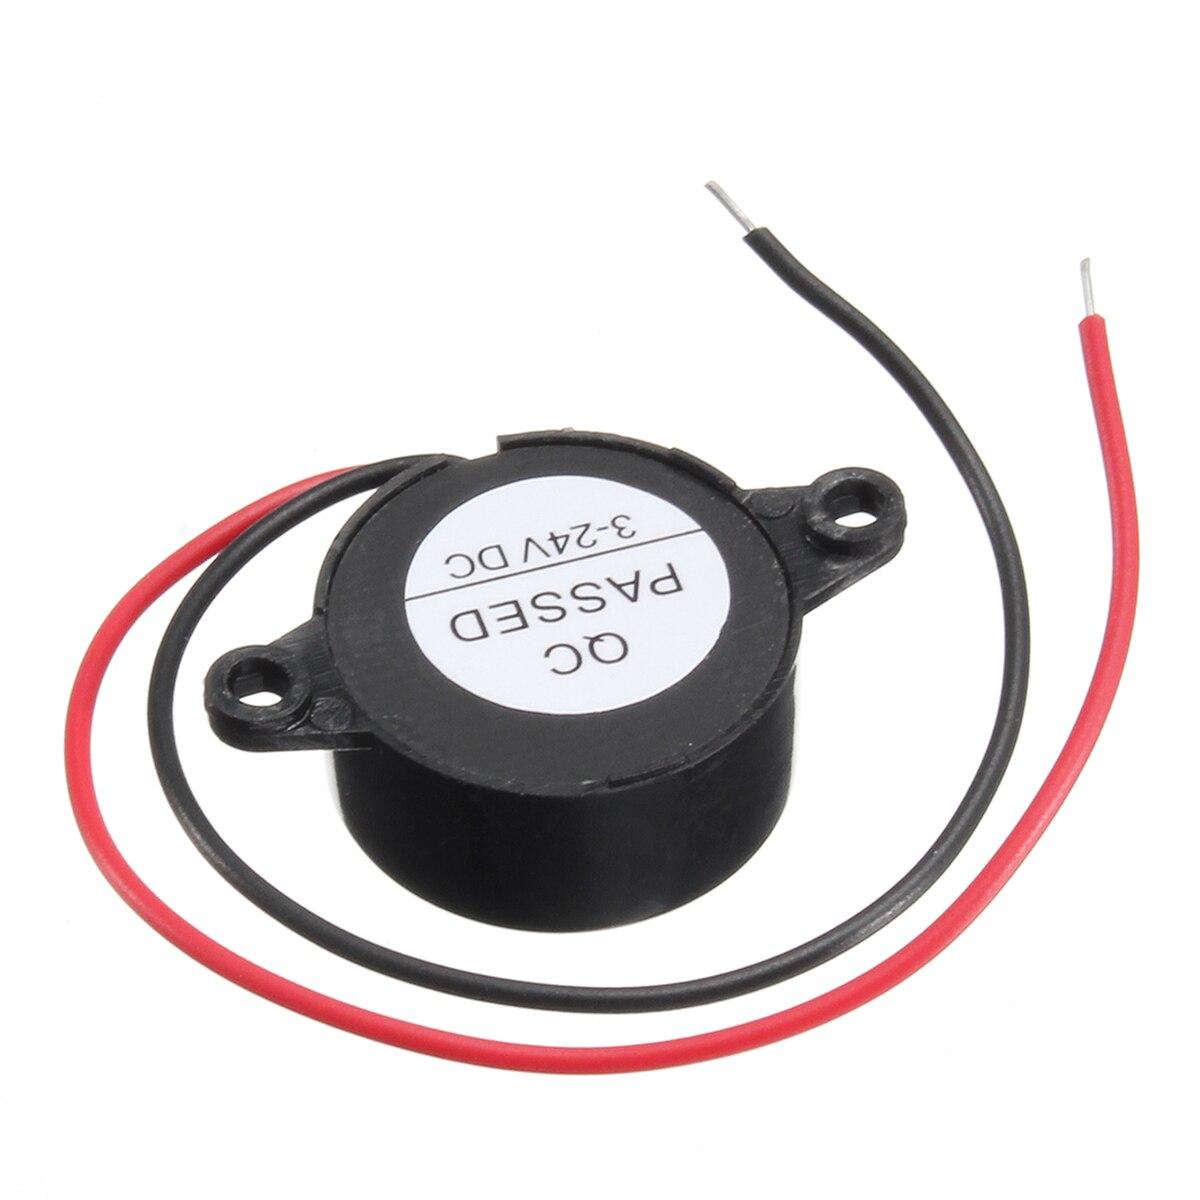 Alarma de 95DB para coche, continuo electrónico-24V DC 3 zumbador, Beeper piezoeléctrico de sonido piezoeléctrico negro para máquinas domésticas